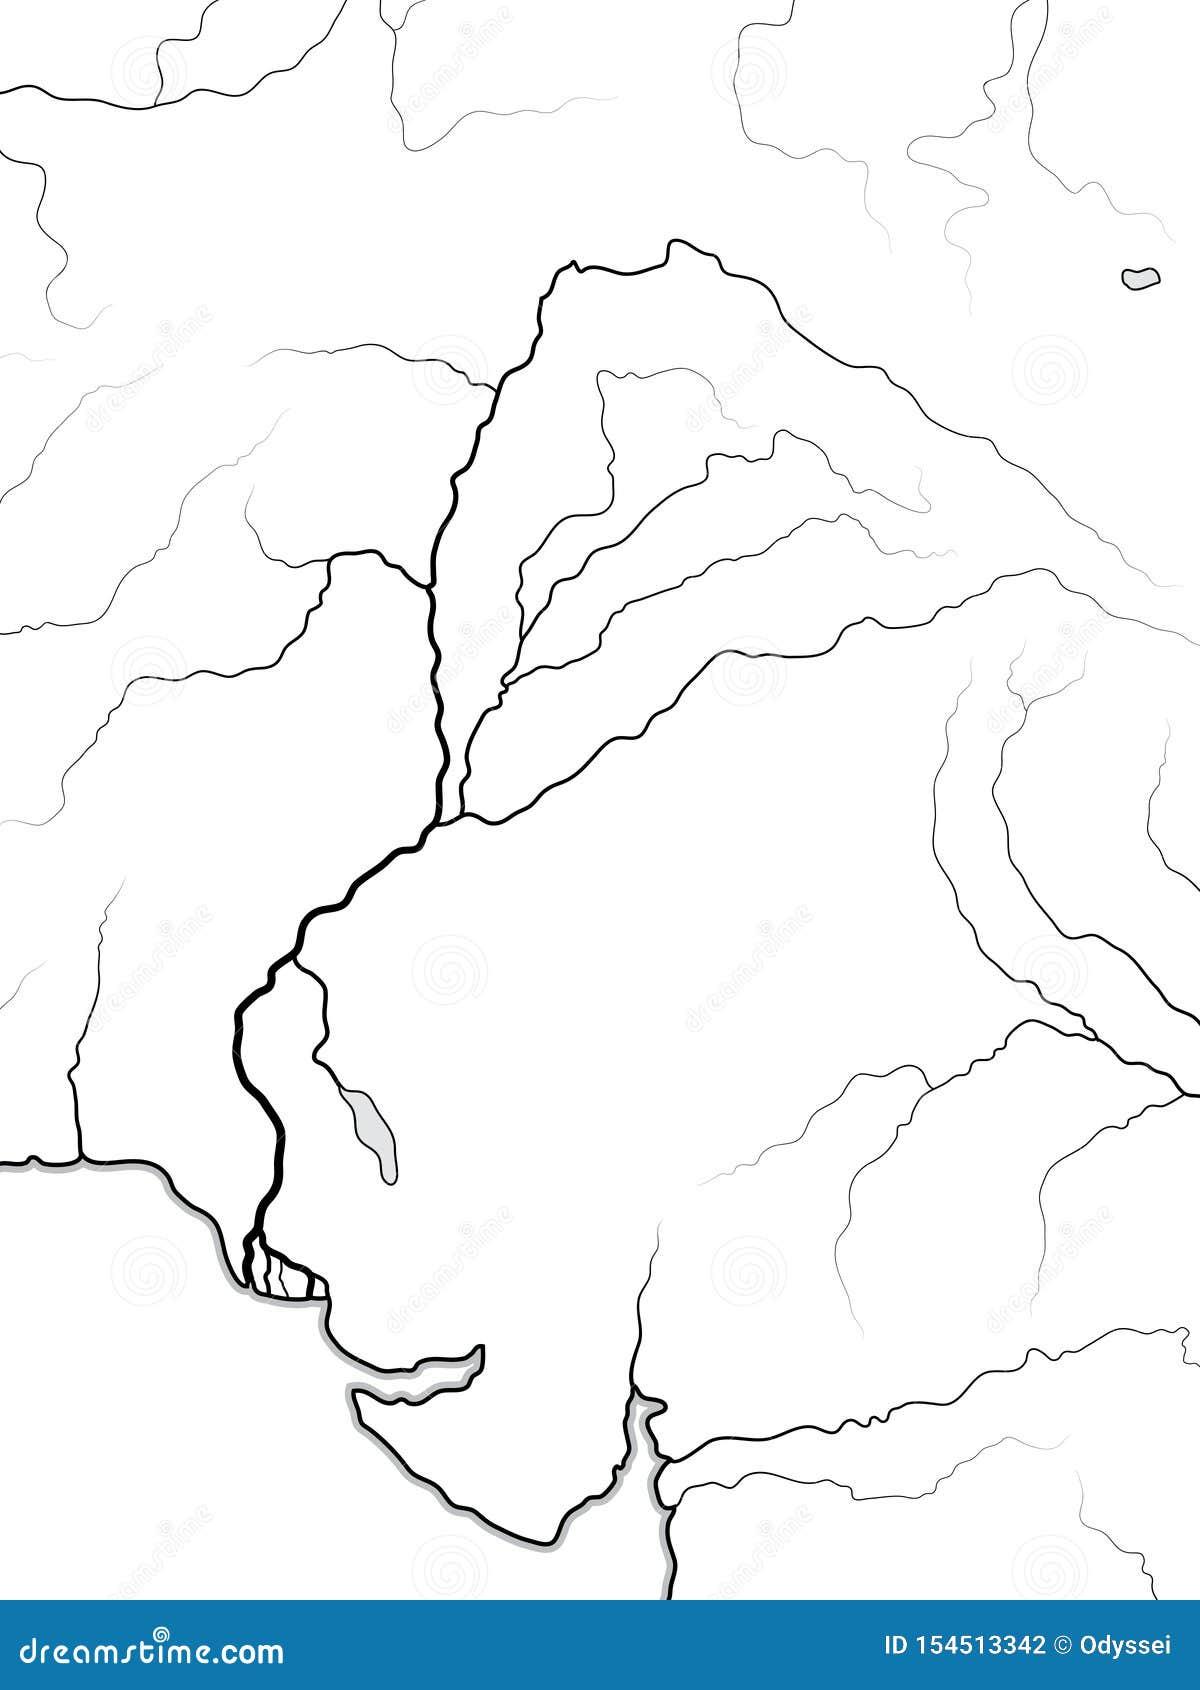 World Map Of The INDUS Valley: India, stan, Hindustan ... on iberian peninsula on a world map, rain on a world map, goa on a world map, persian empire on a world map, himalayan mountains on a world map, former ussr on a world map, sumer on a world map, mesoamerica on a world map, arabian gulf on a world map, carpathian mountains on a world map, maya on a world map, athena on a world map, taklamakan on a world map, taj mahal on a world map, central asia on a world map, aleutians on a world map, south america on a world map, babylon on a world map, inca on a world map, bombay on a world map,